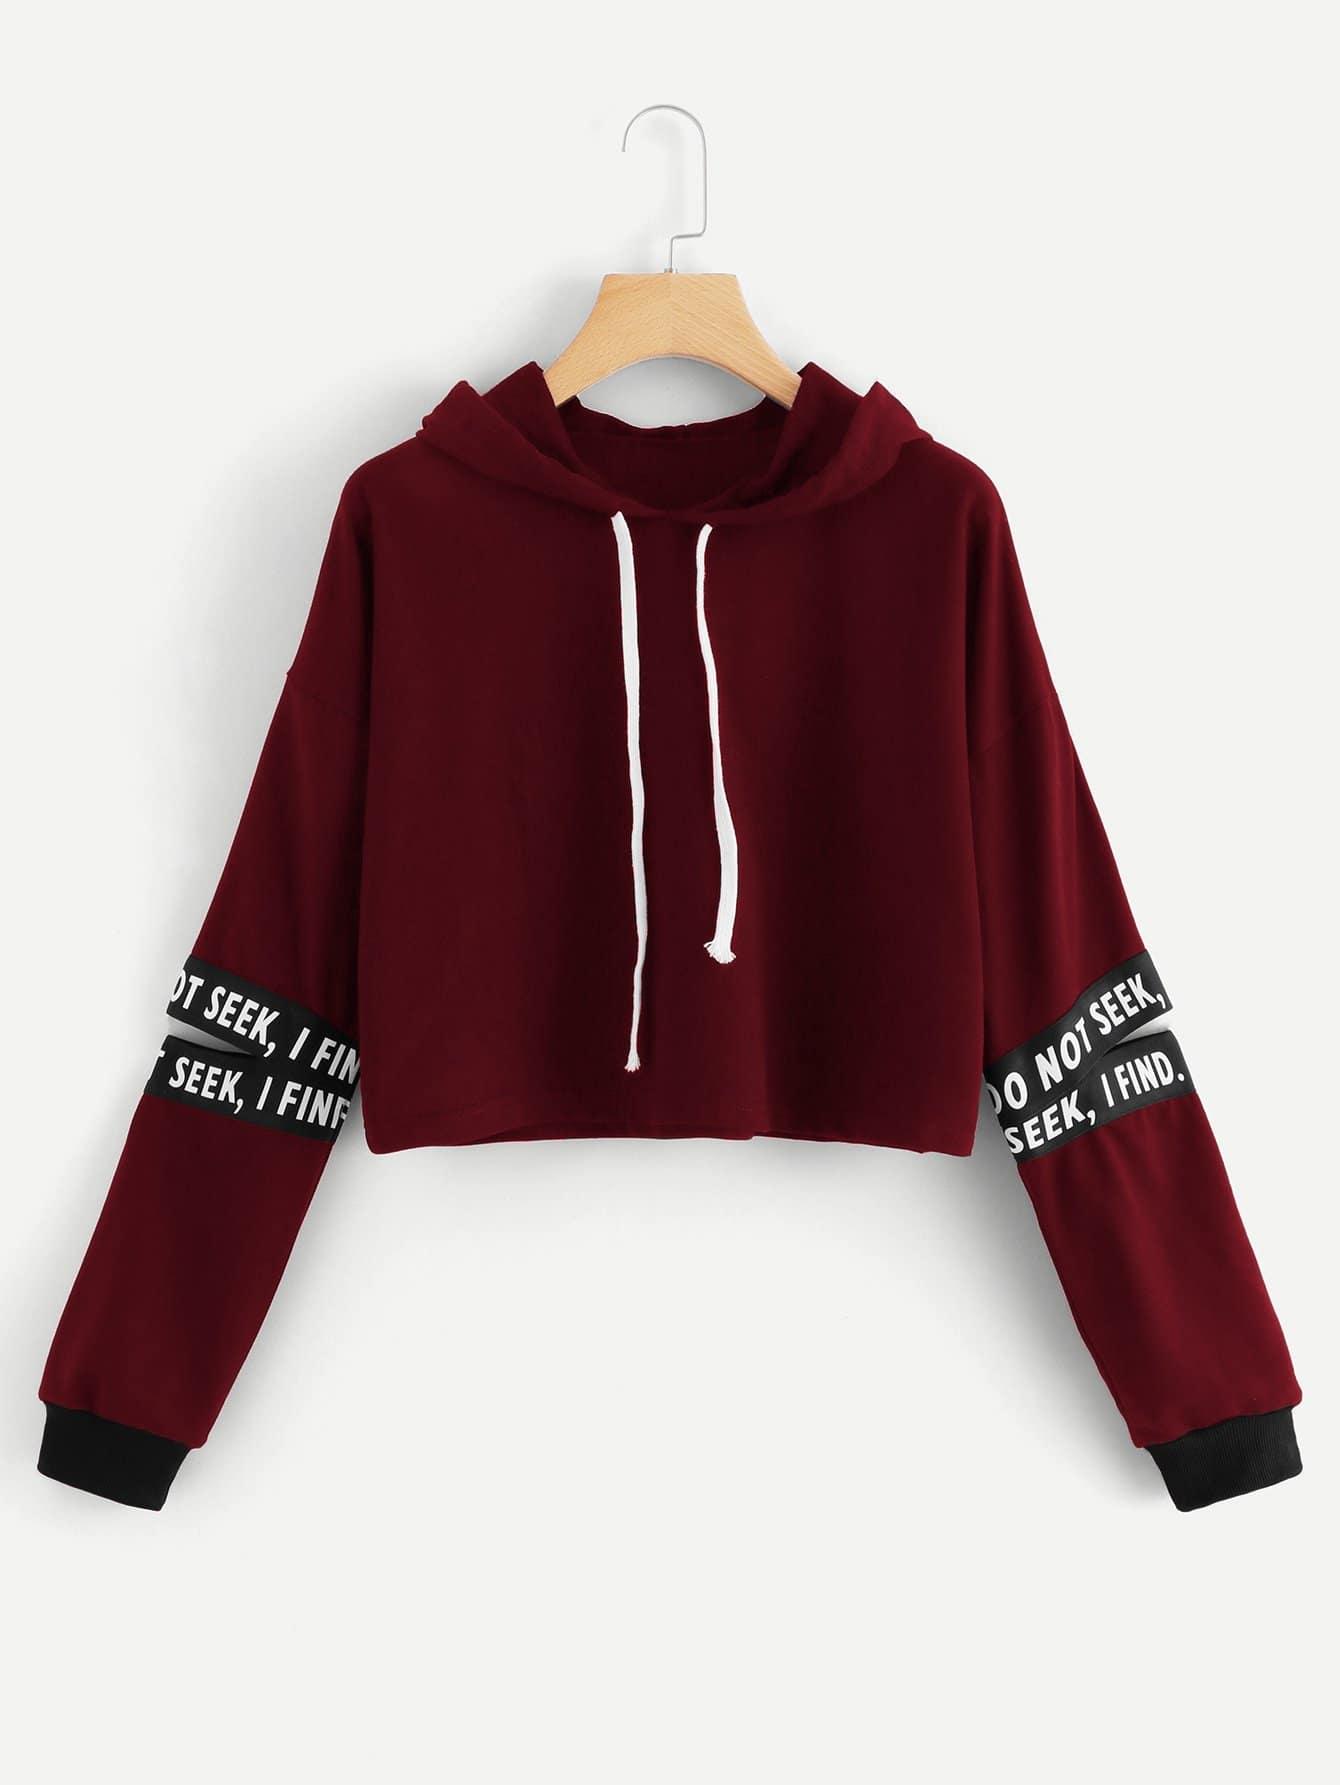 Random Letter Tape Split Sleeve Sweatshirt